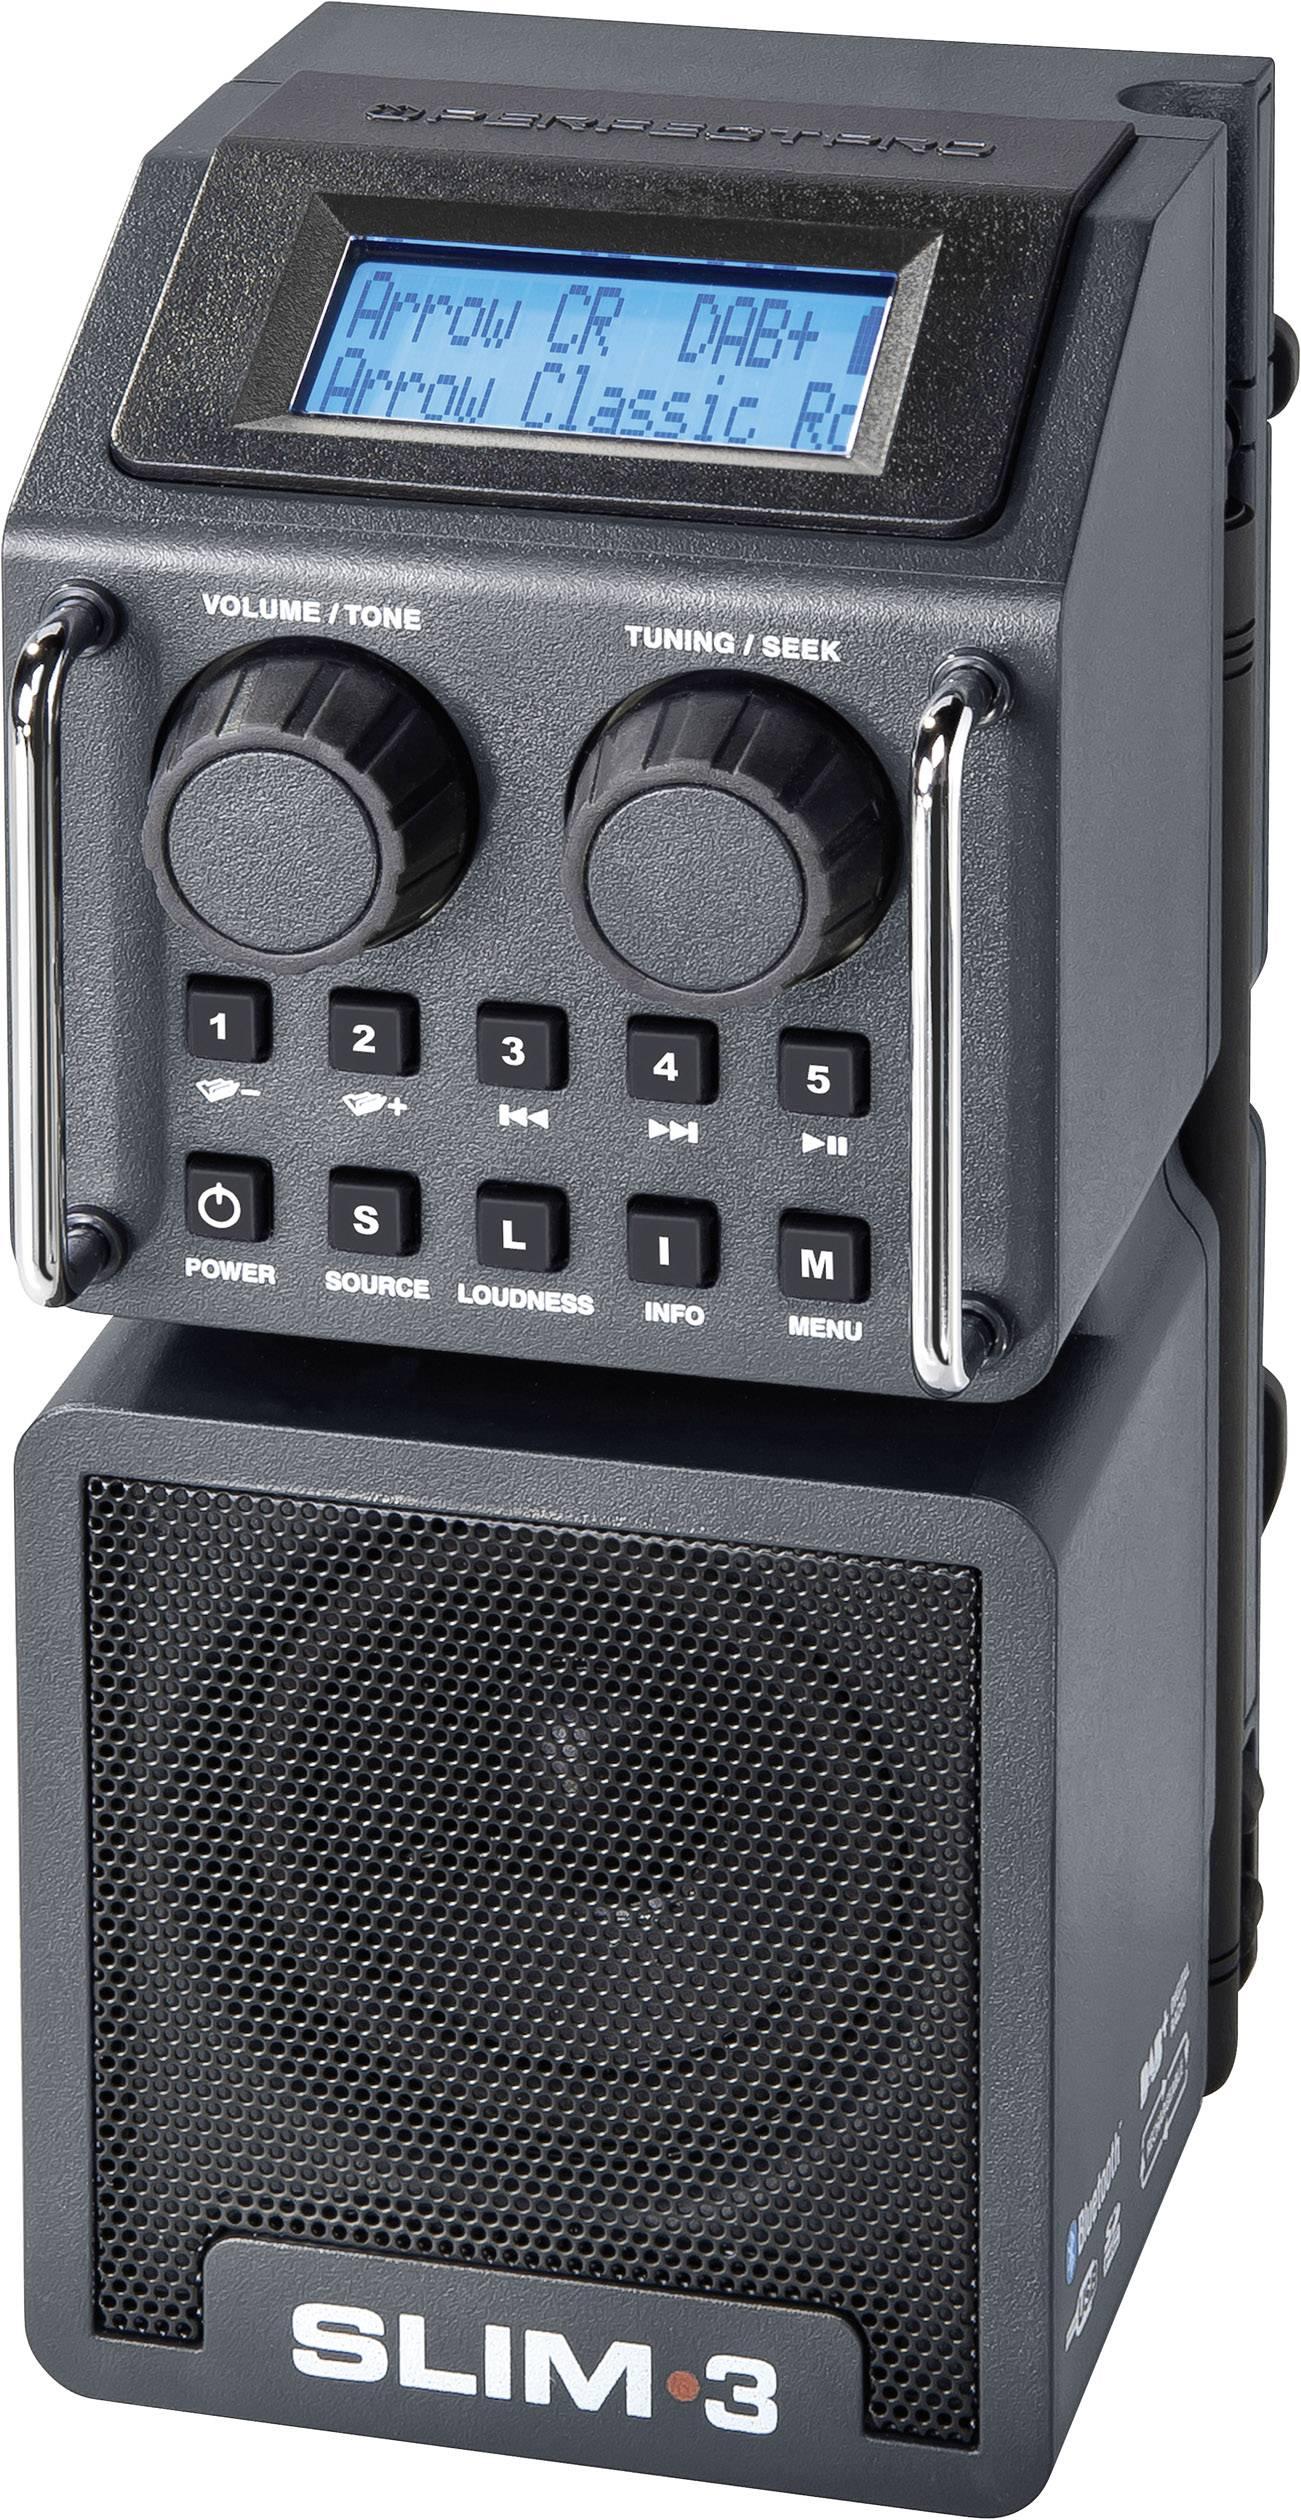 Outdoorové a záhradné DAB+ a FM rádio PerfectPro Slim 3, RDS